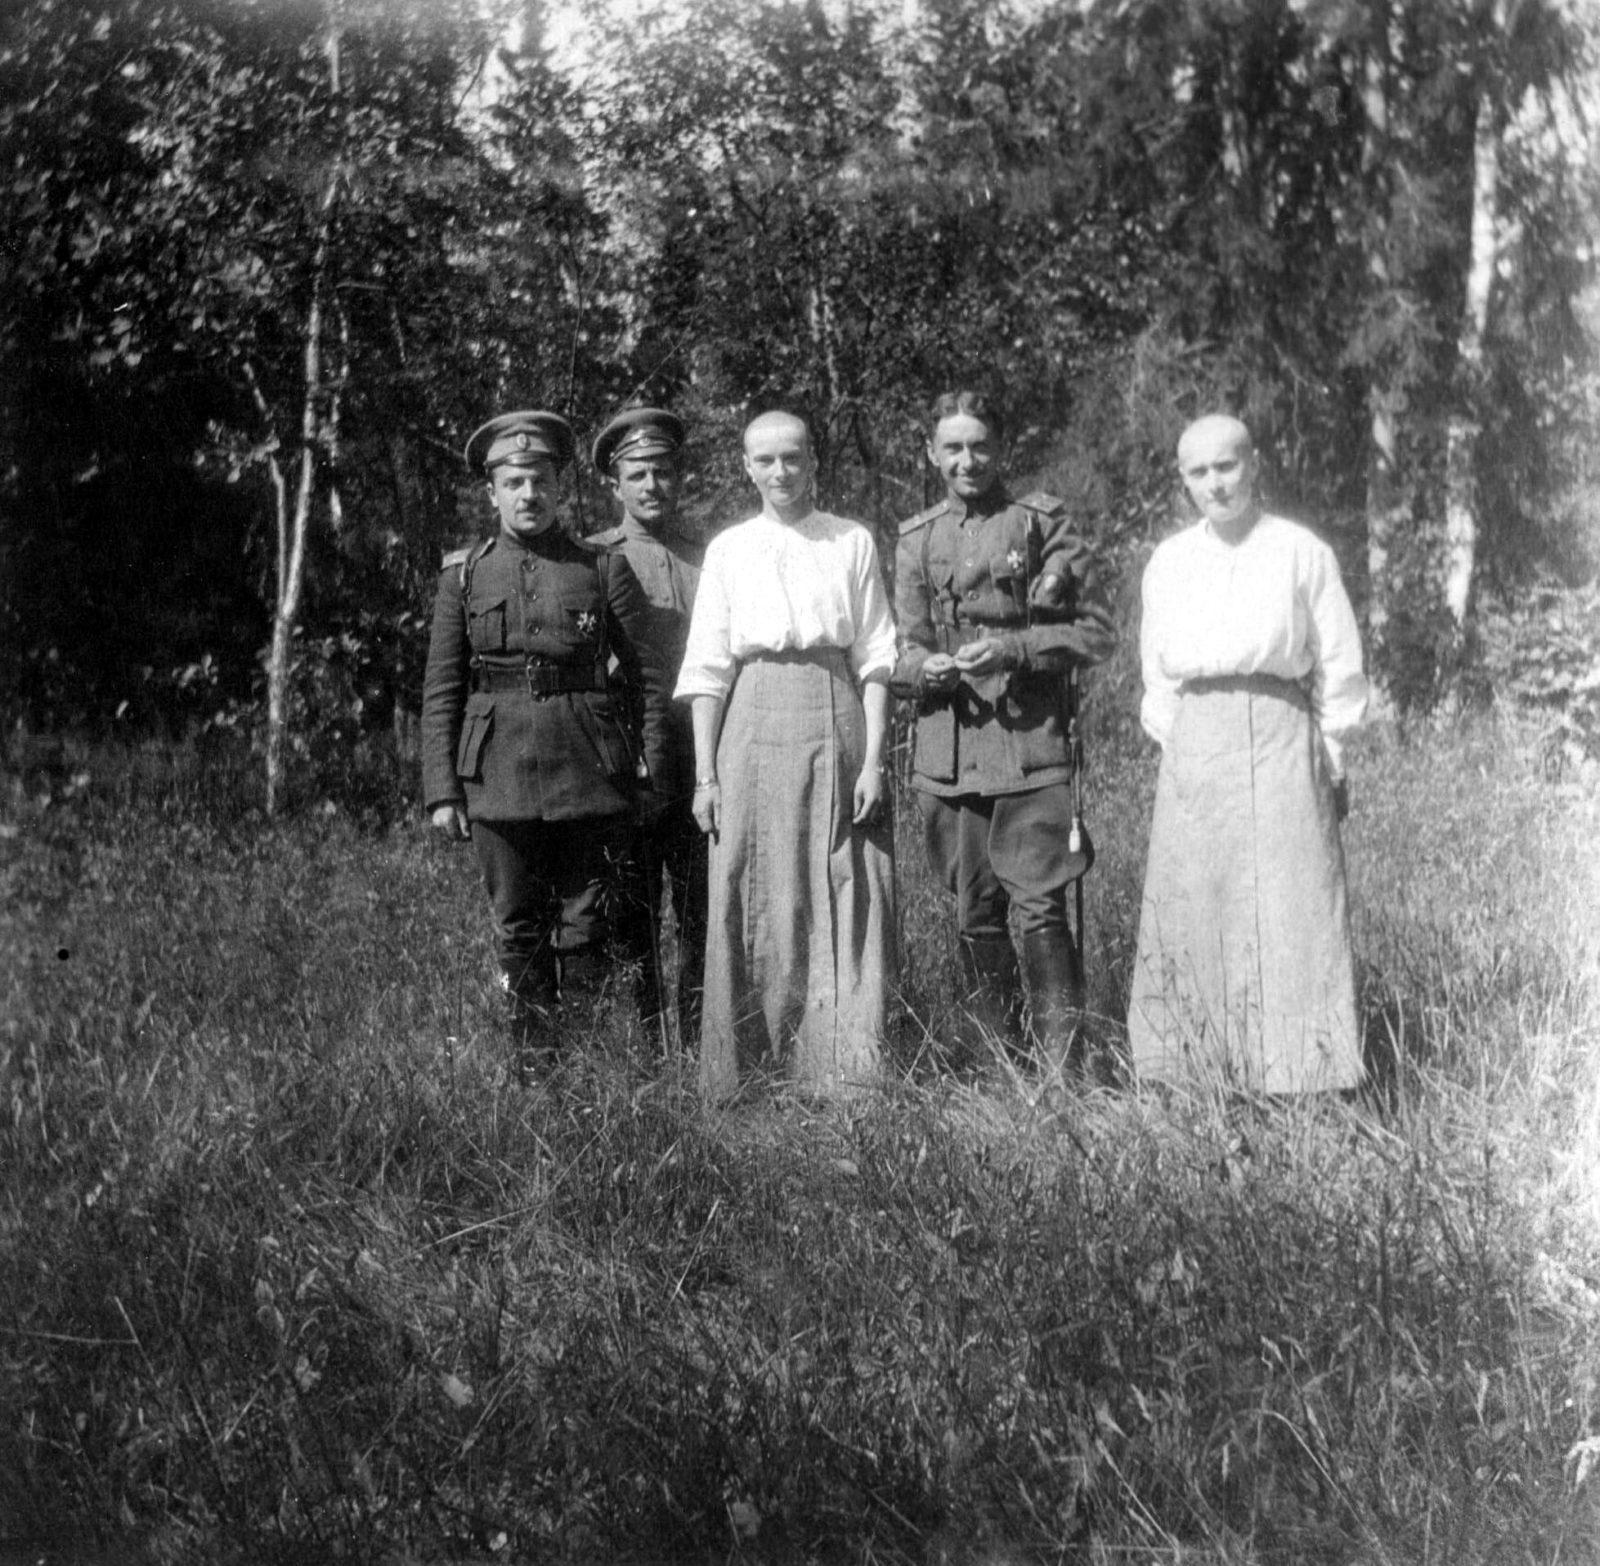 Daughters of Emperor Nicholas II Grand Princesses Olga (?) Nikolaevna (right) and Tatyana Nikolayevna on a walk in the park of Tsarskoe Selo.June of 1917.